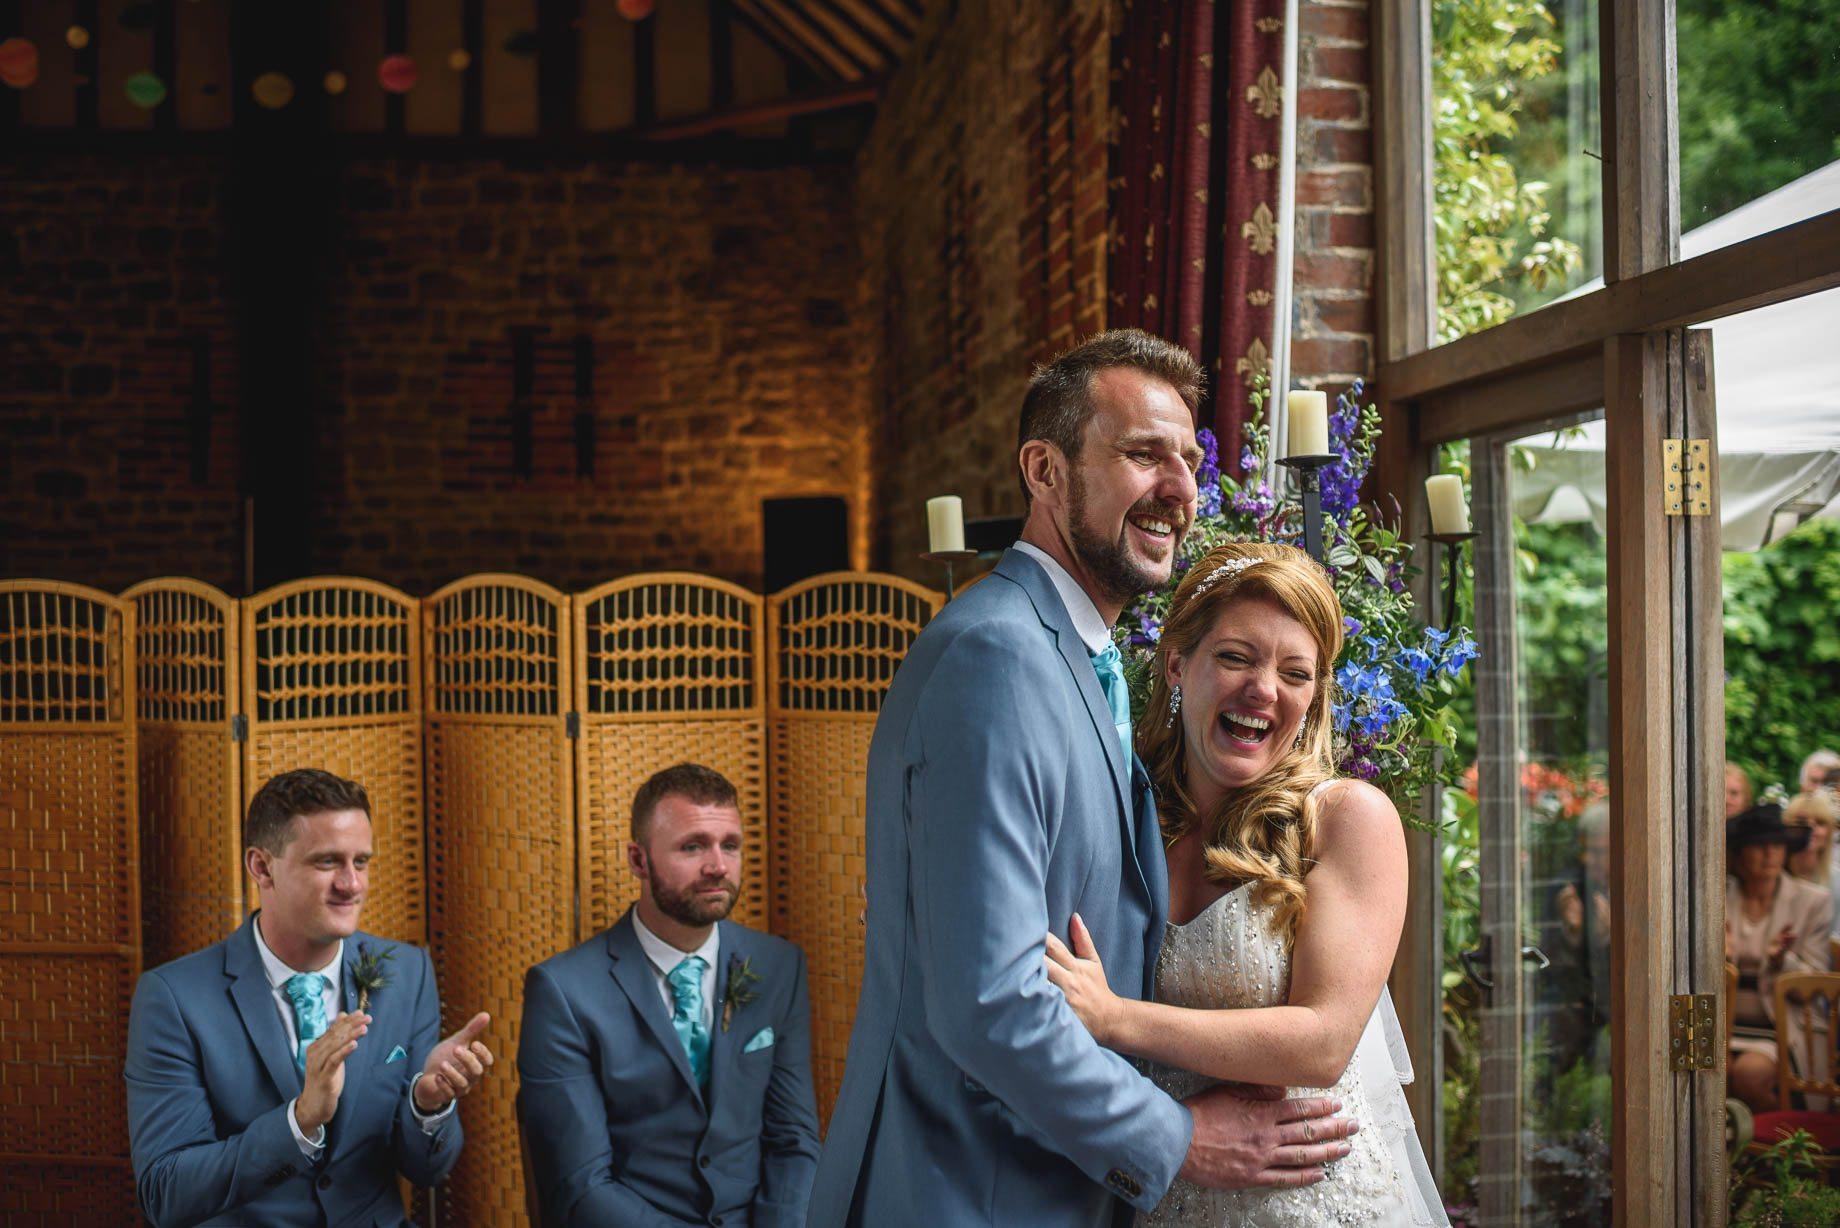 Bartholomew Barns wedding photography - Louise and Spencer (49 of 151)